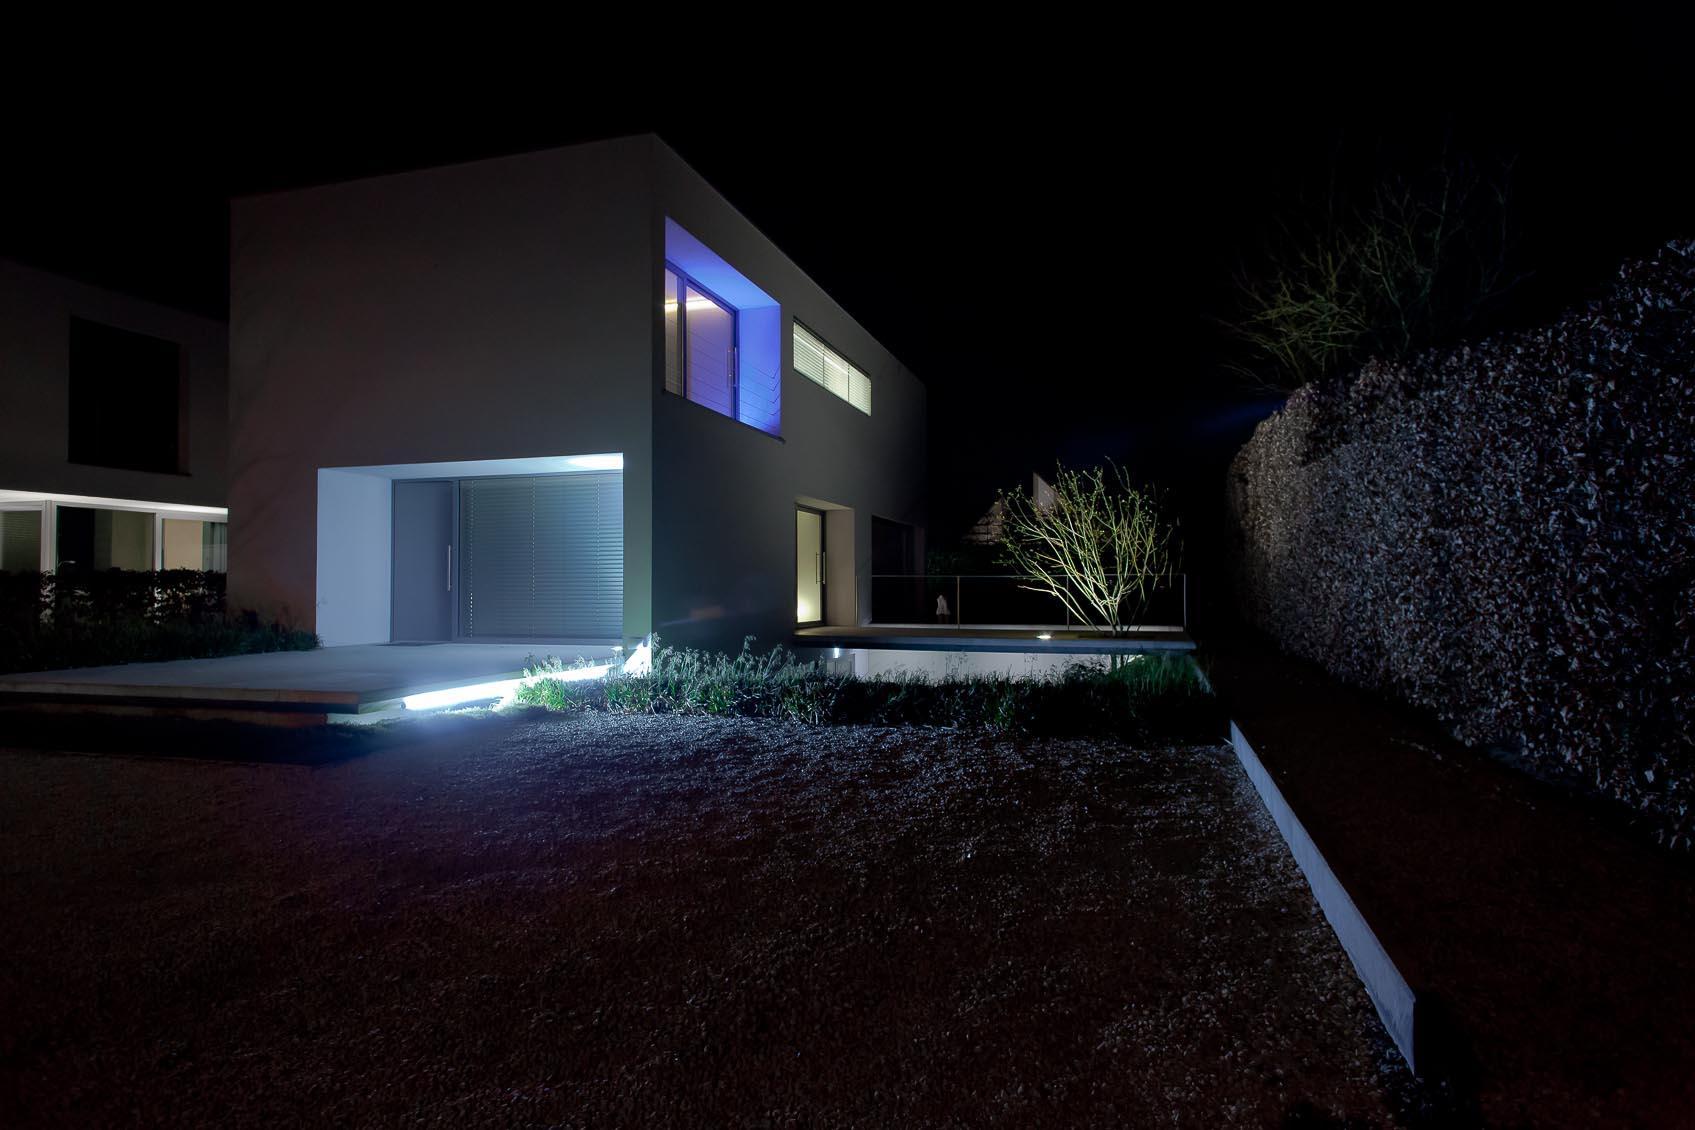 lichtconcept architecturale buitenverlichting